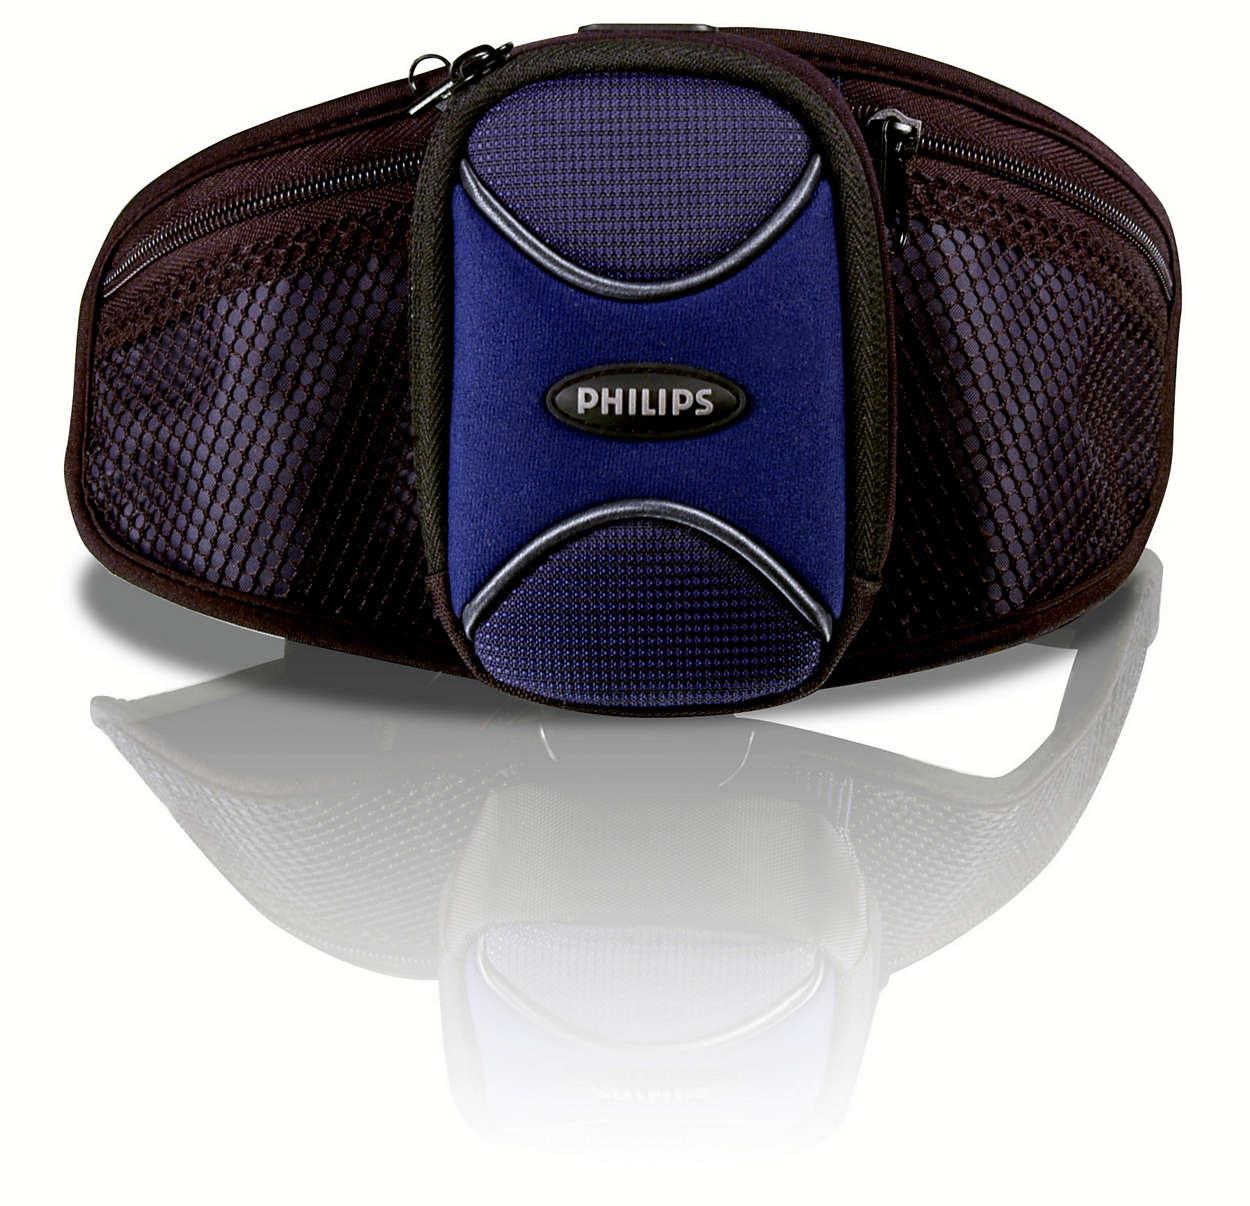 Proteggi il tuo lettore MP3